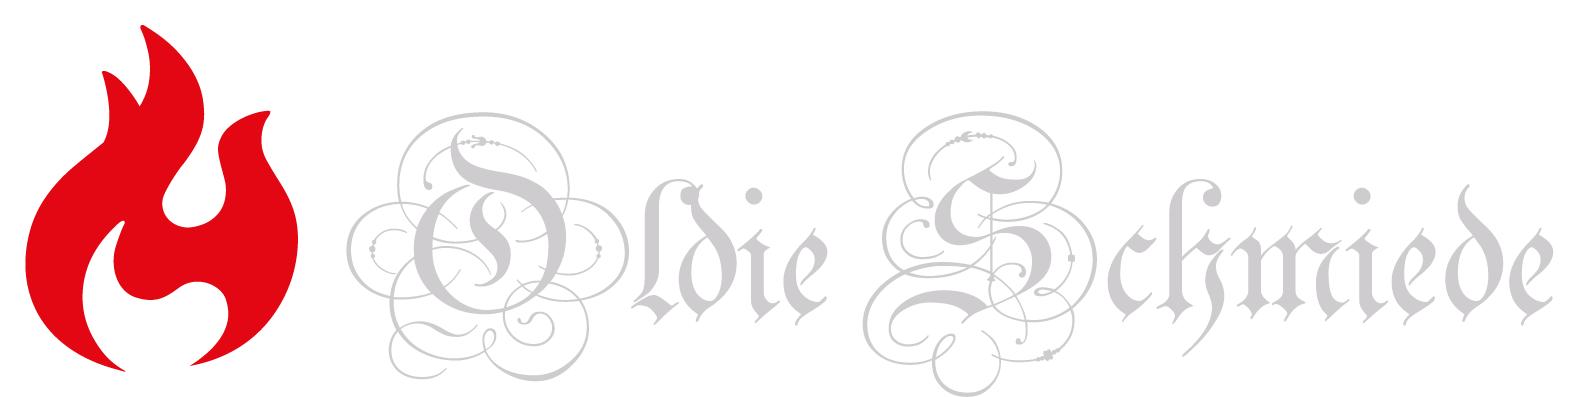 Oldie Schmiede GmbH